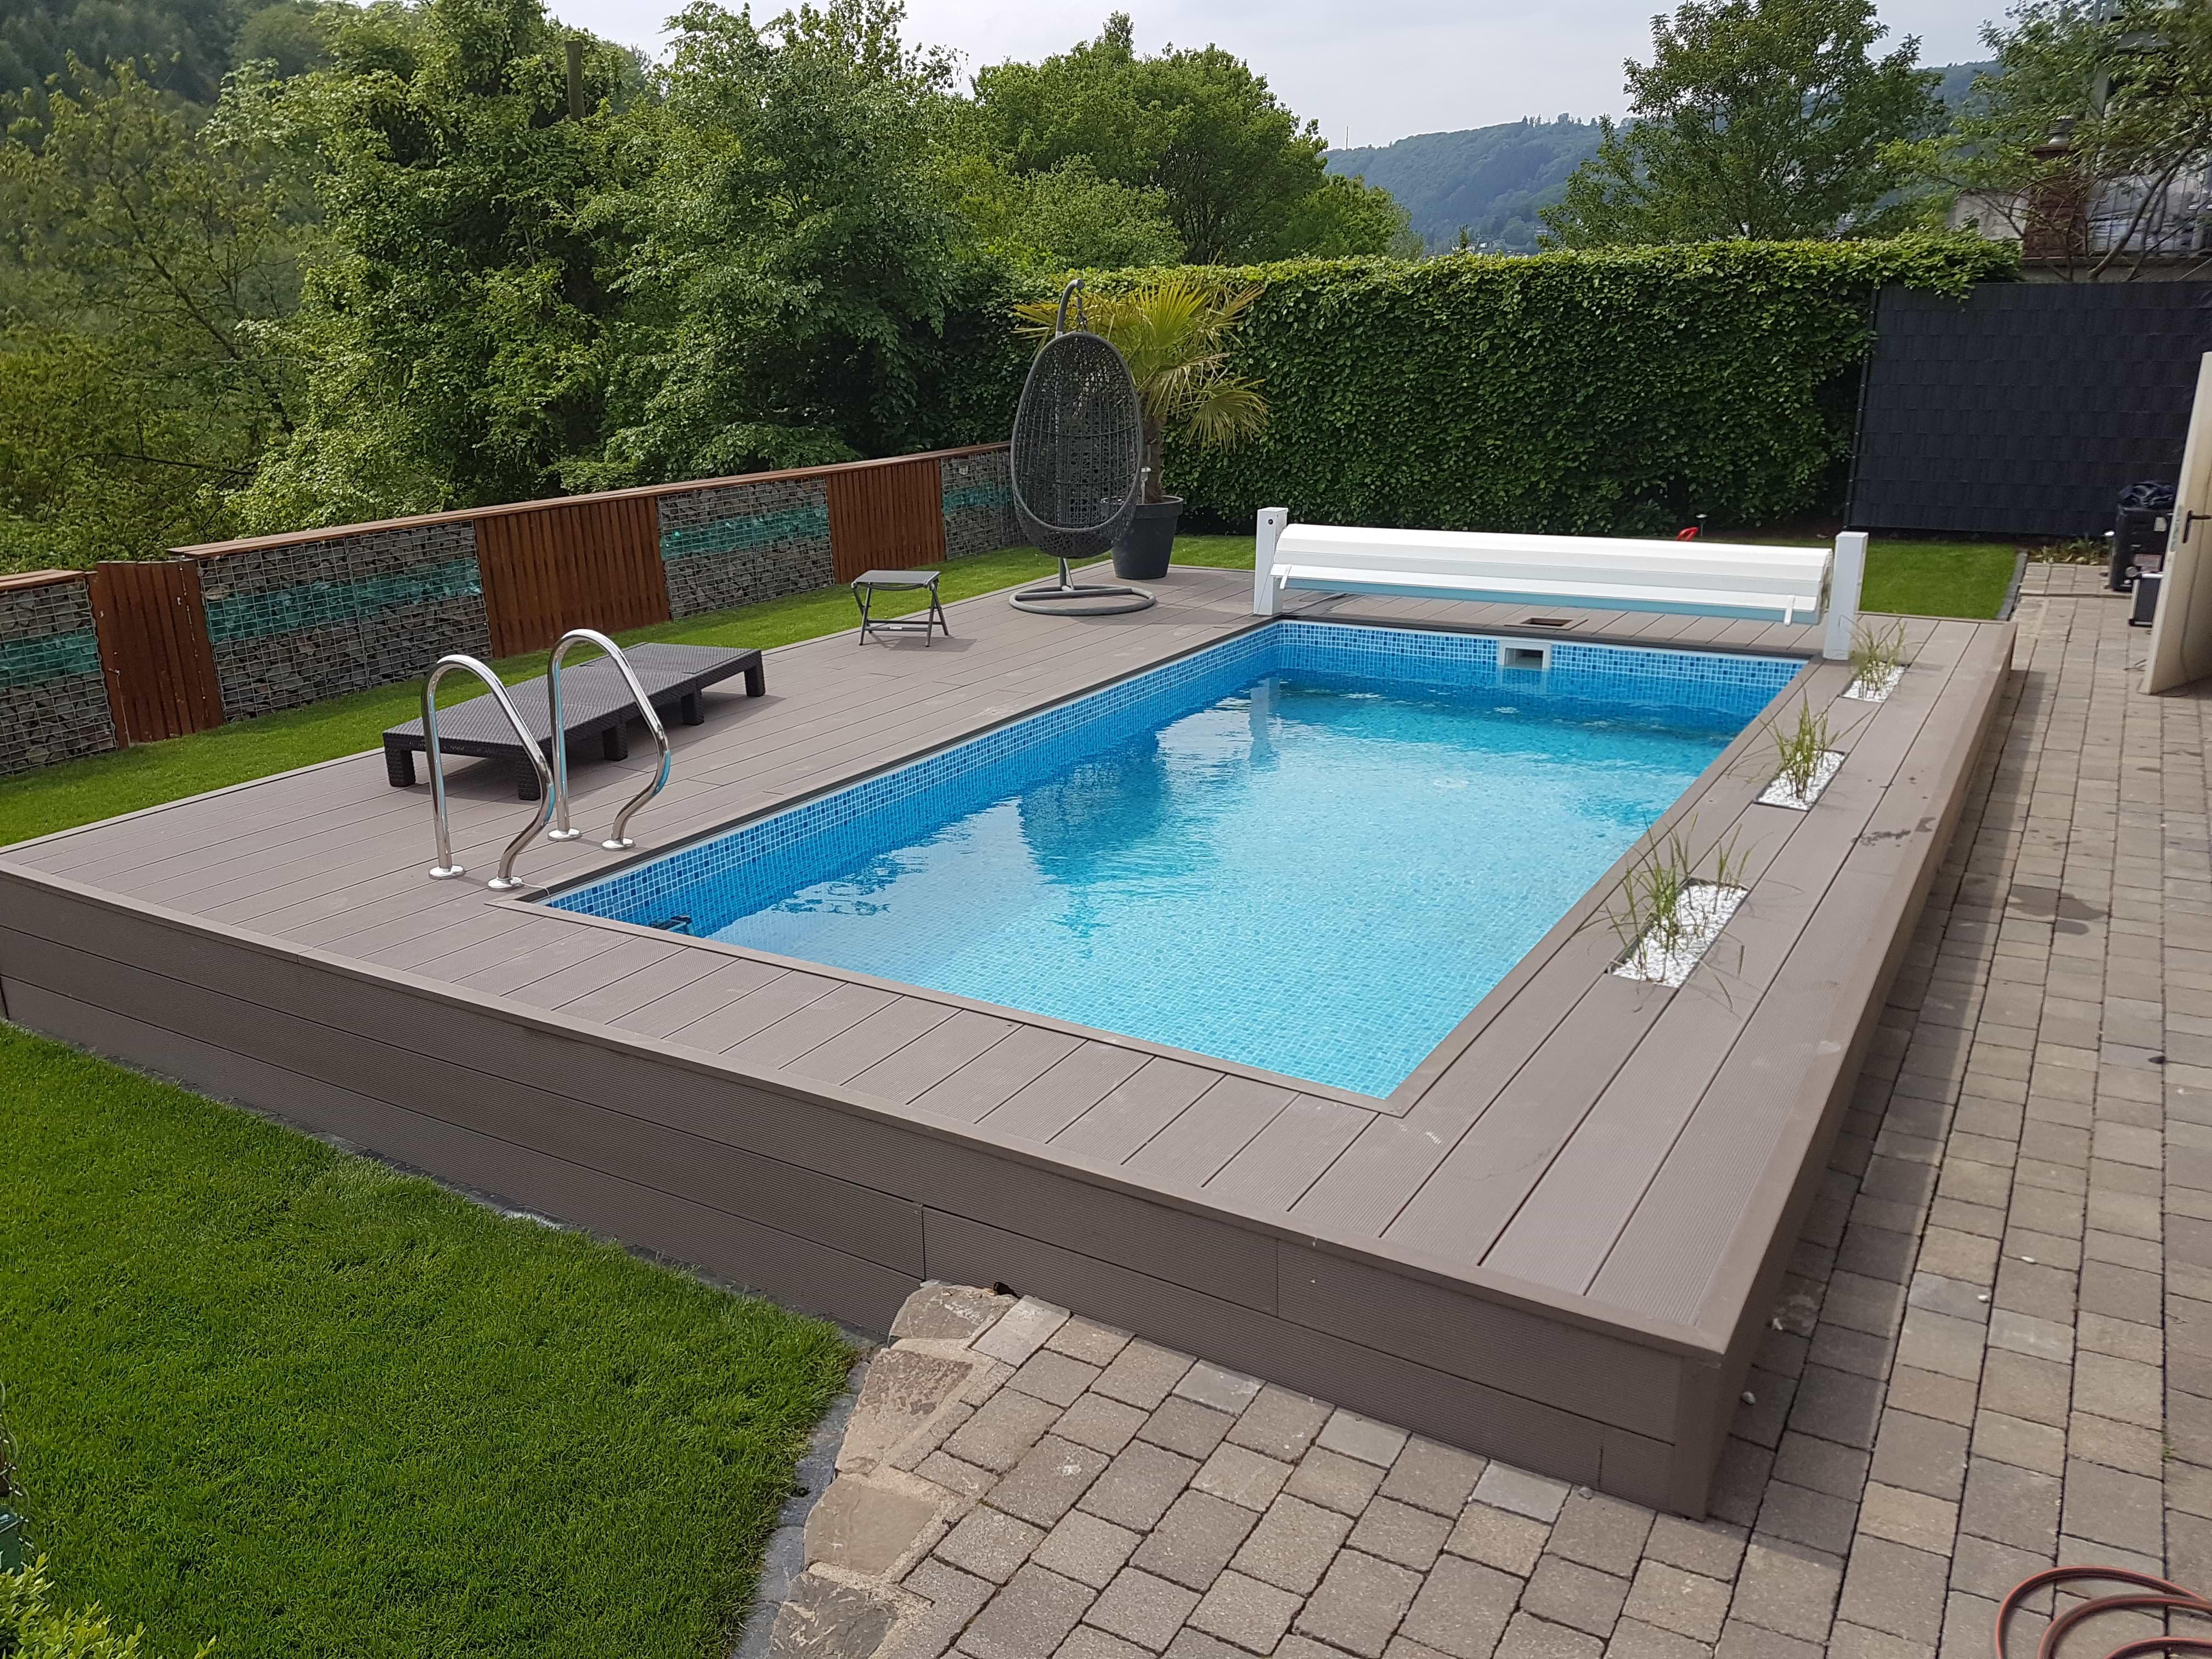 gartenpool-idealer swimming pool für den garten